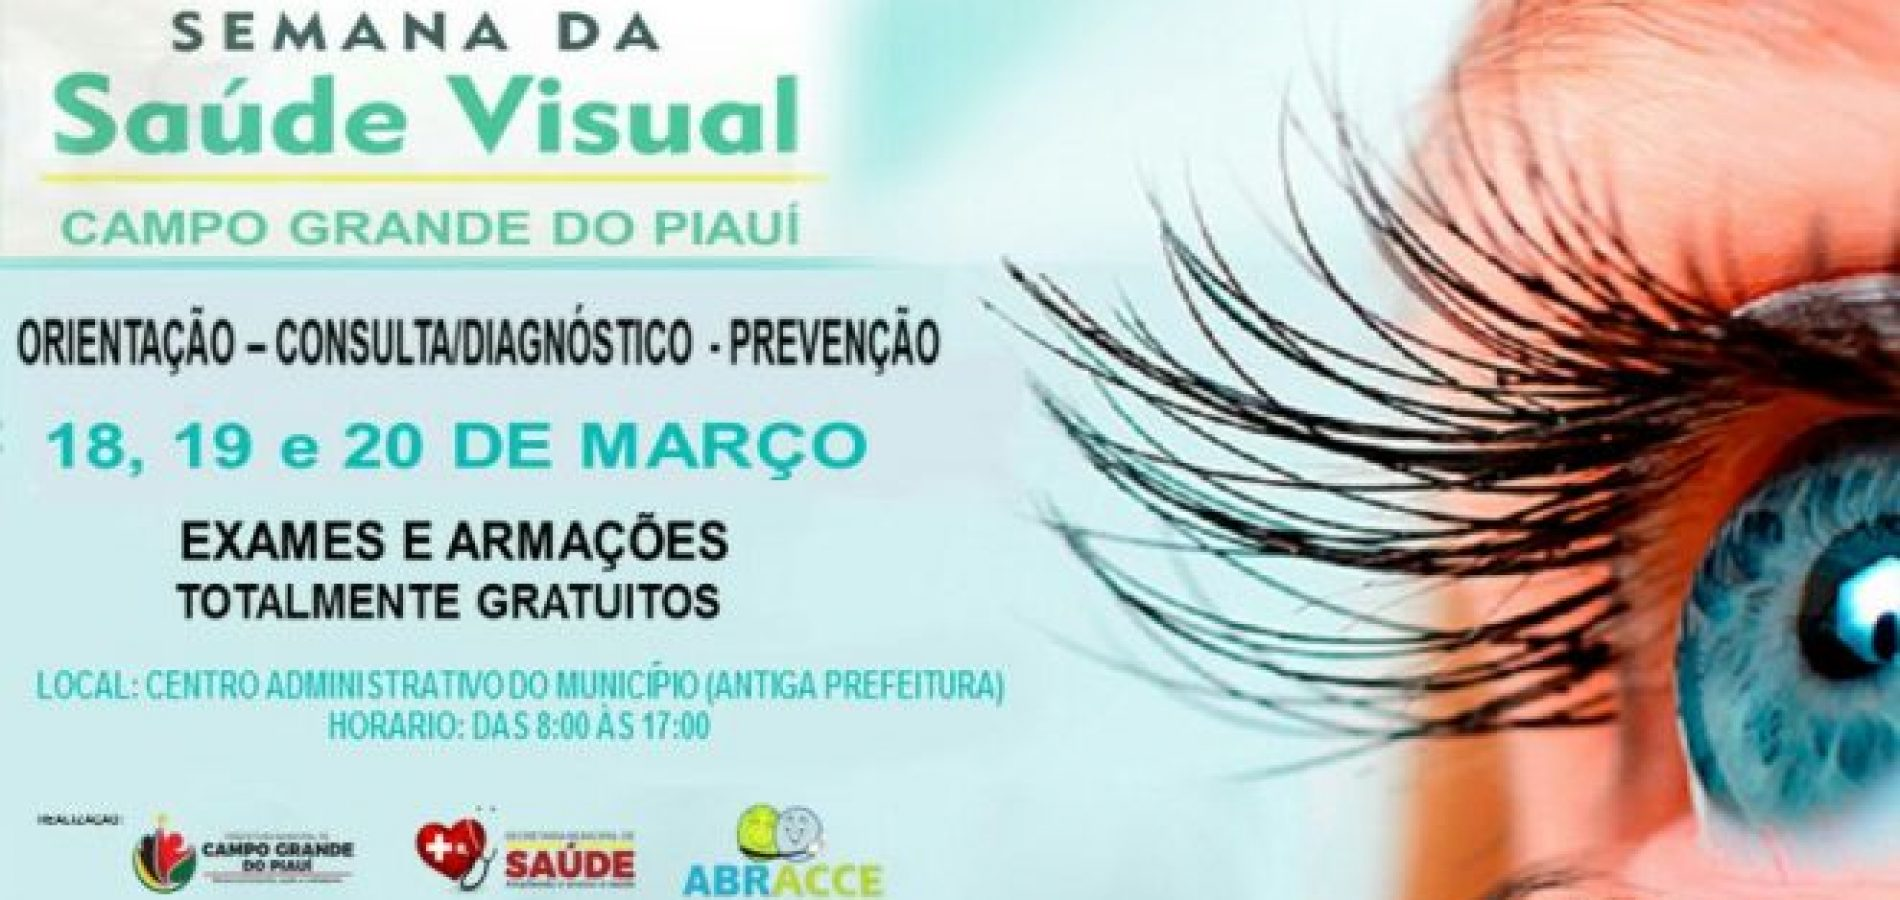 CAMPO GRANDE   Prefeitura e ABRACCE realizarão Semana da Saúde Visual com consultas e armações de óculos gratuitas